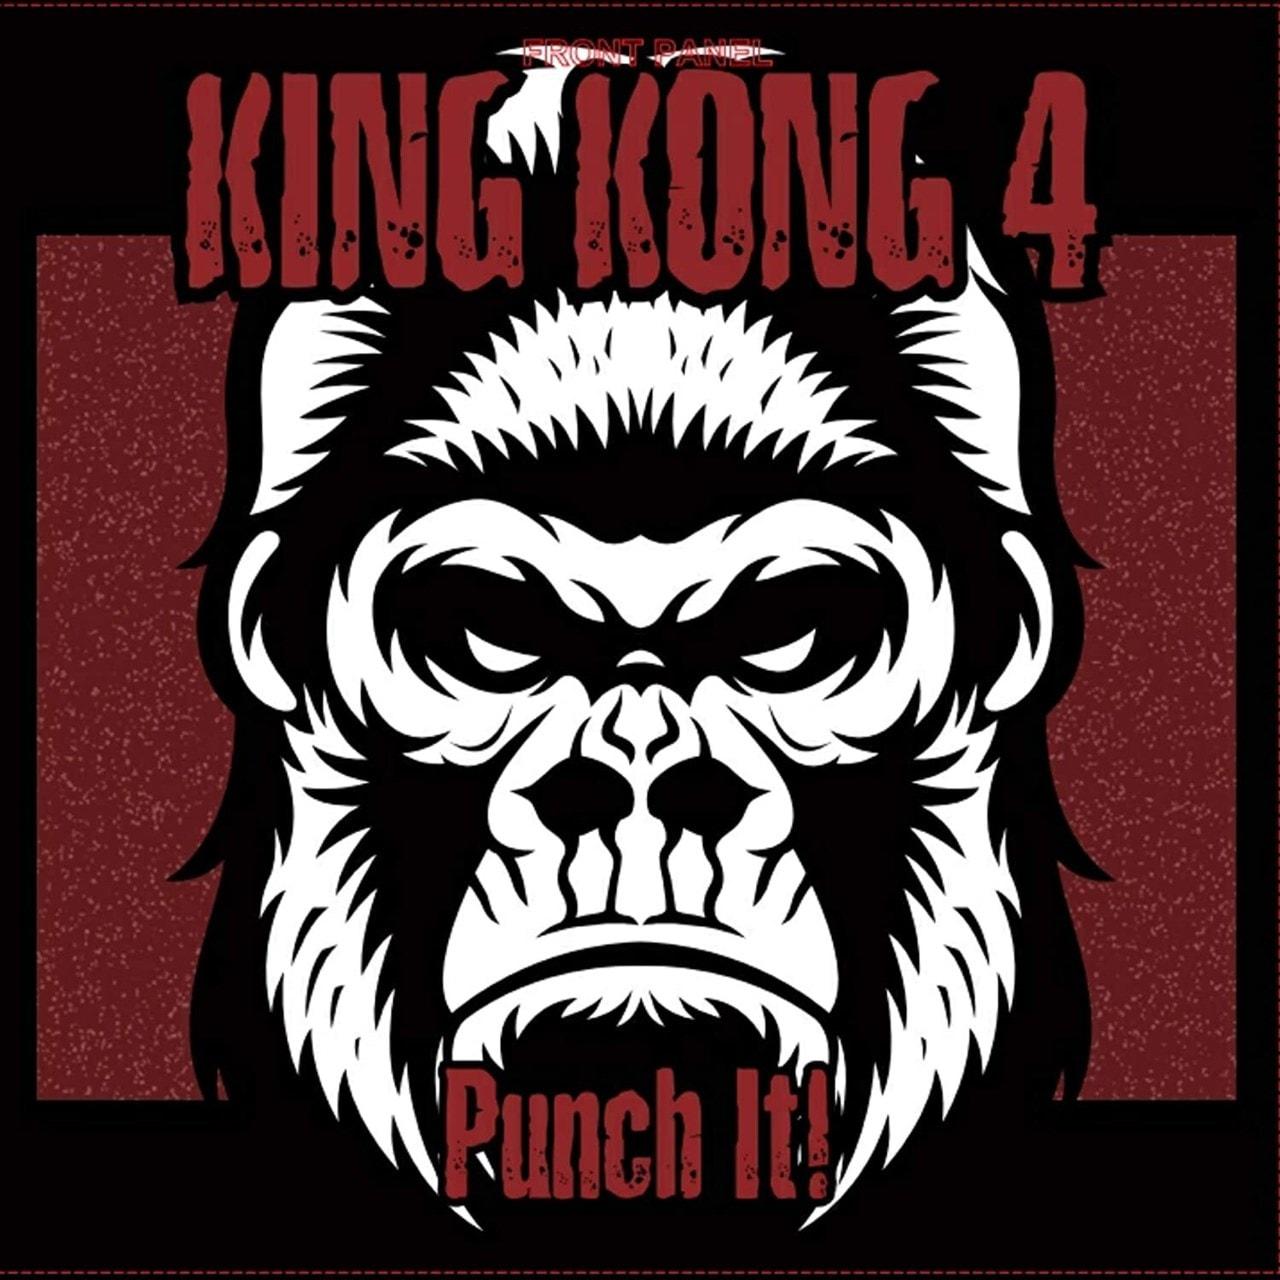 Punch It! - 1